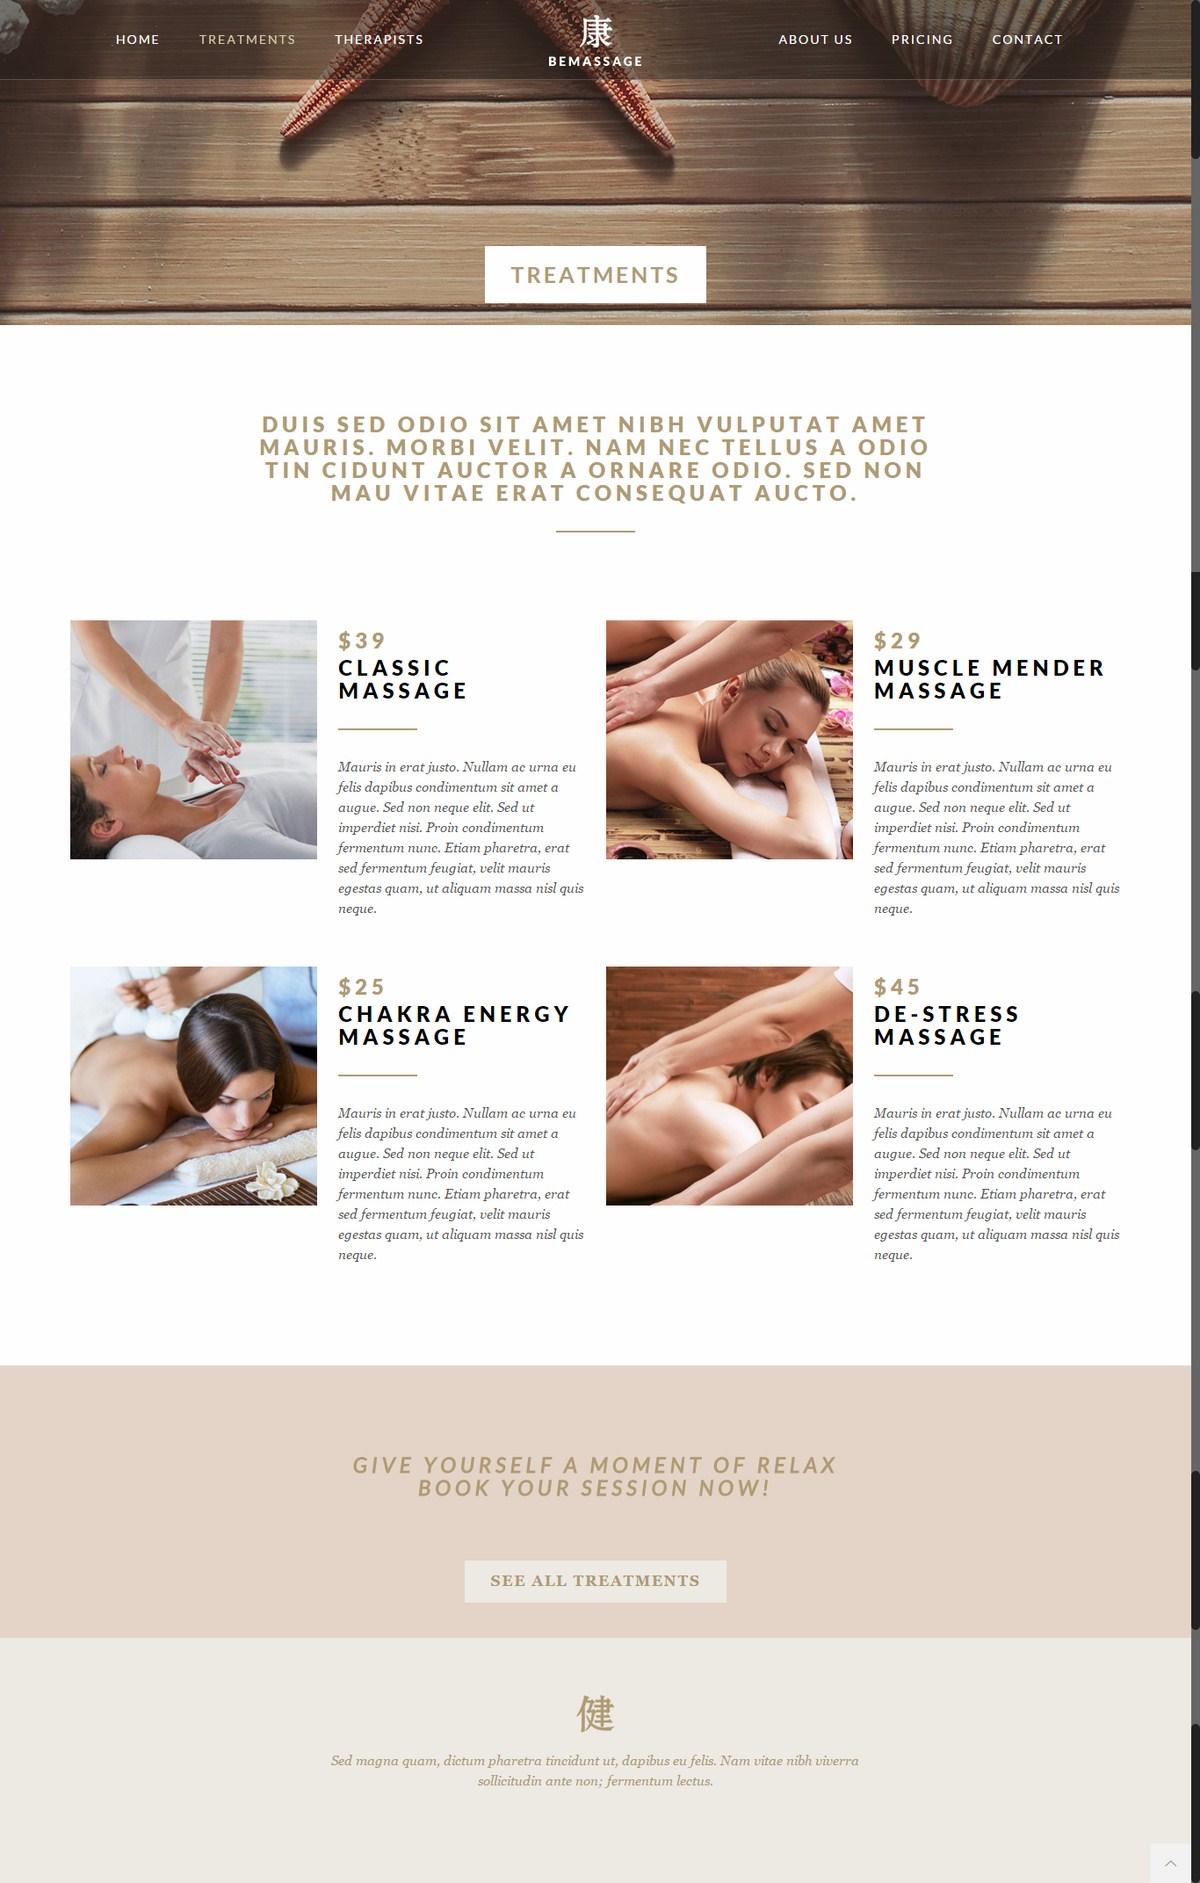 betheme-massage-phuongphapdieutri